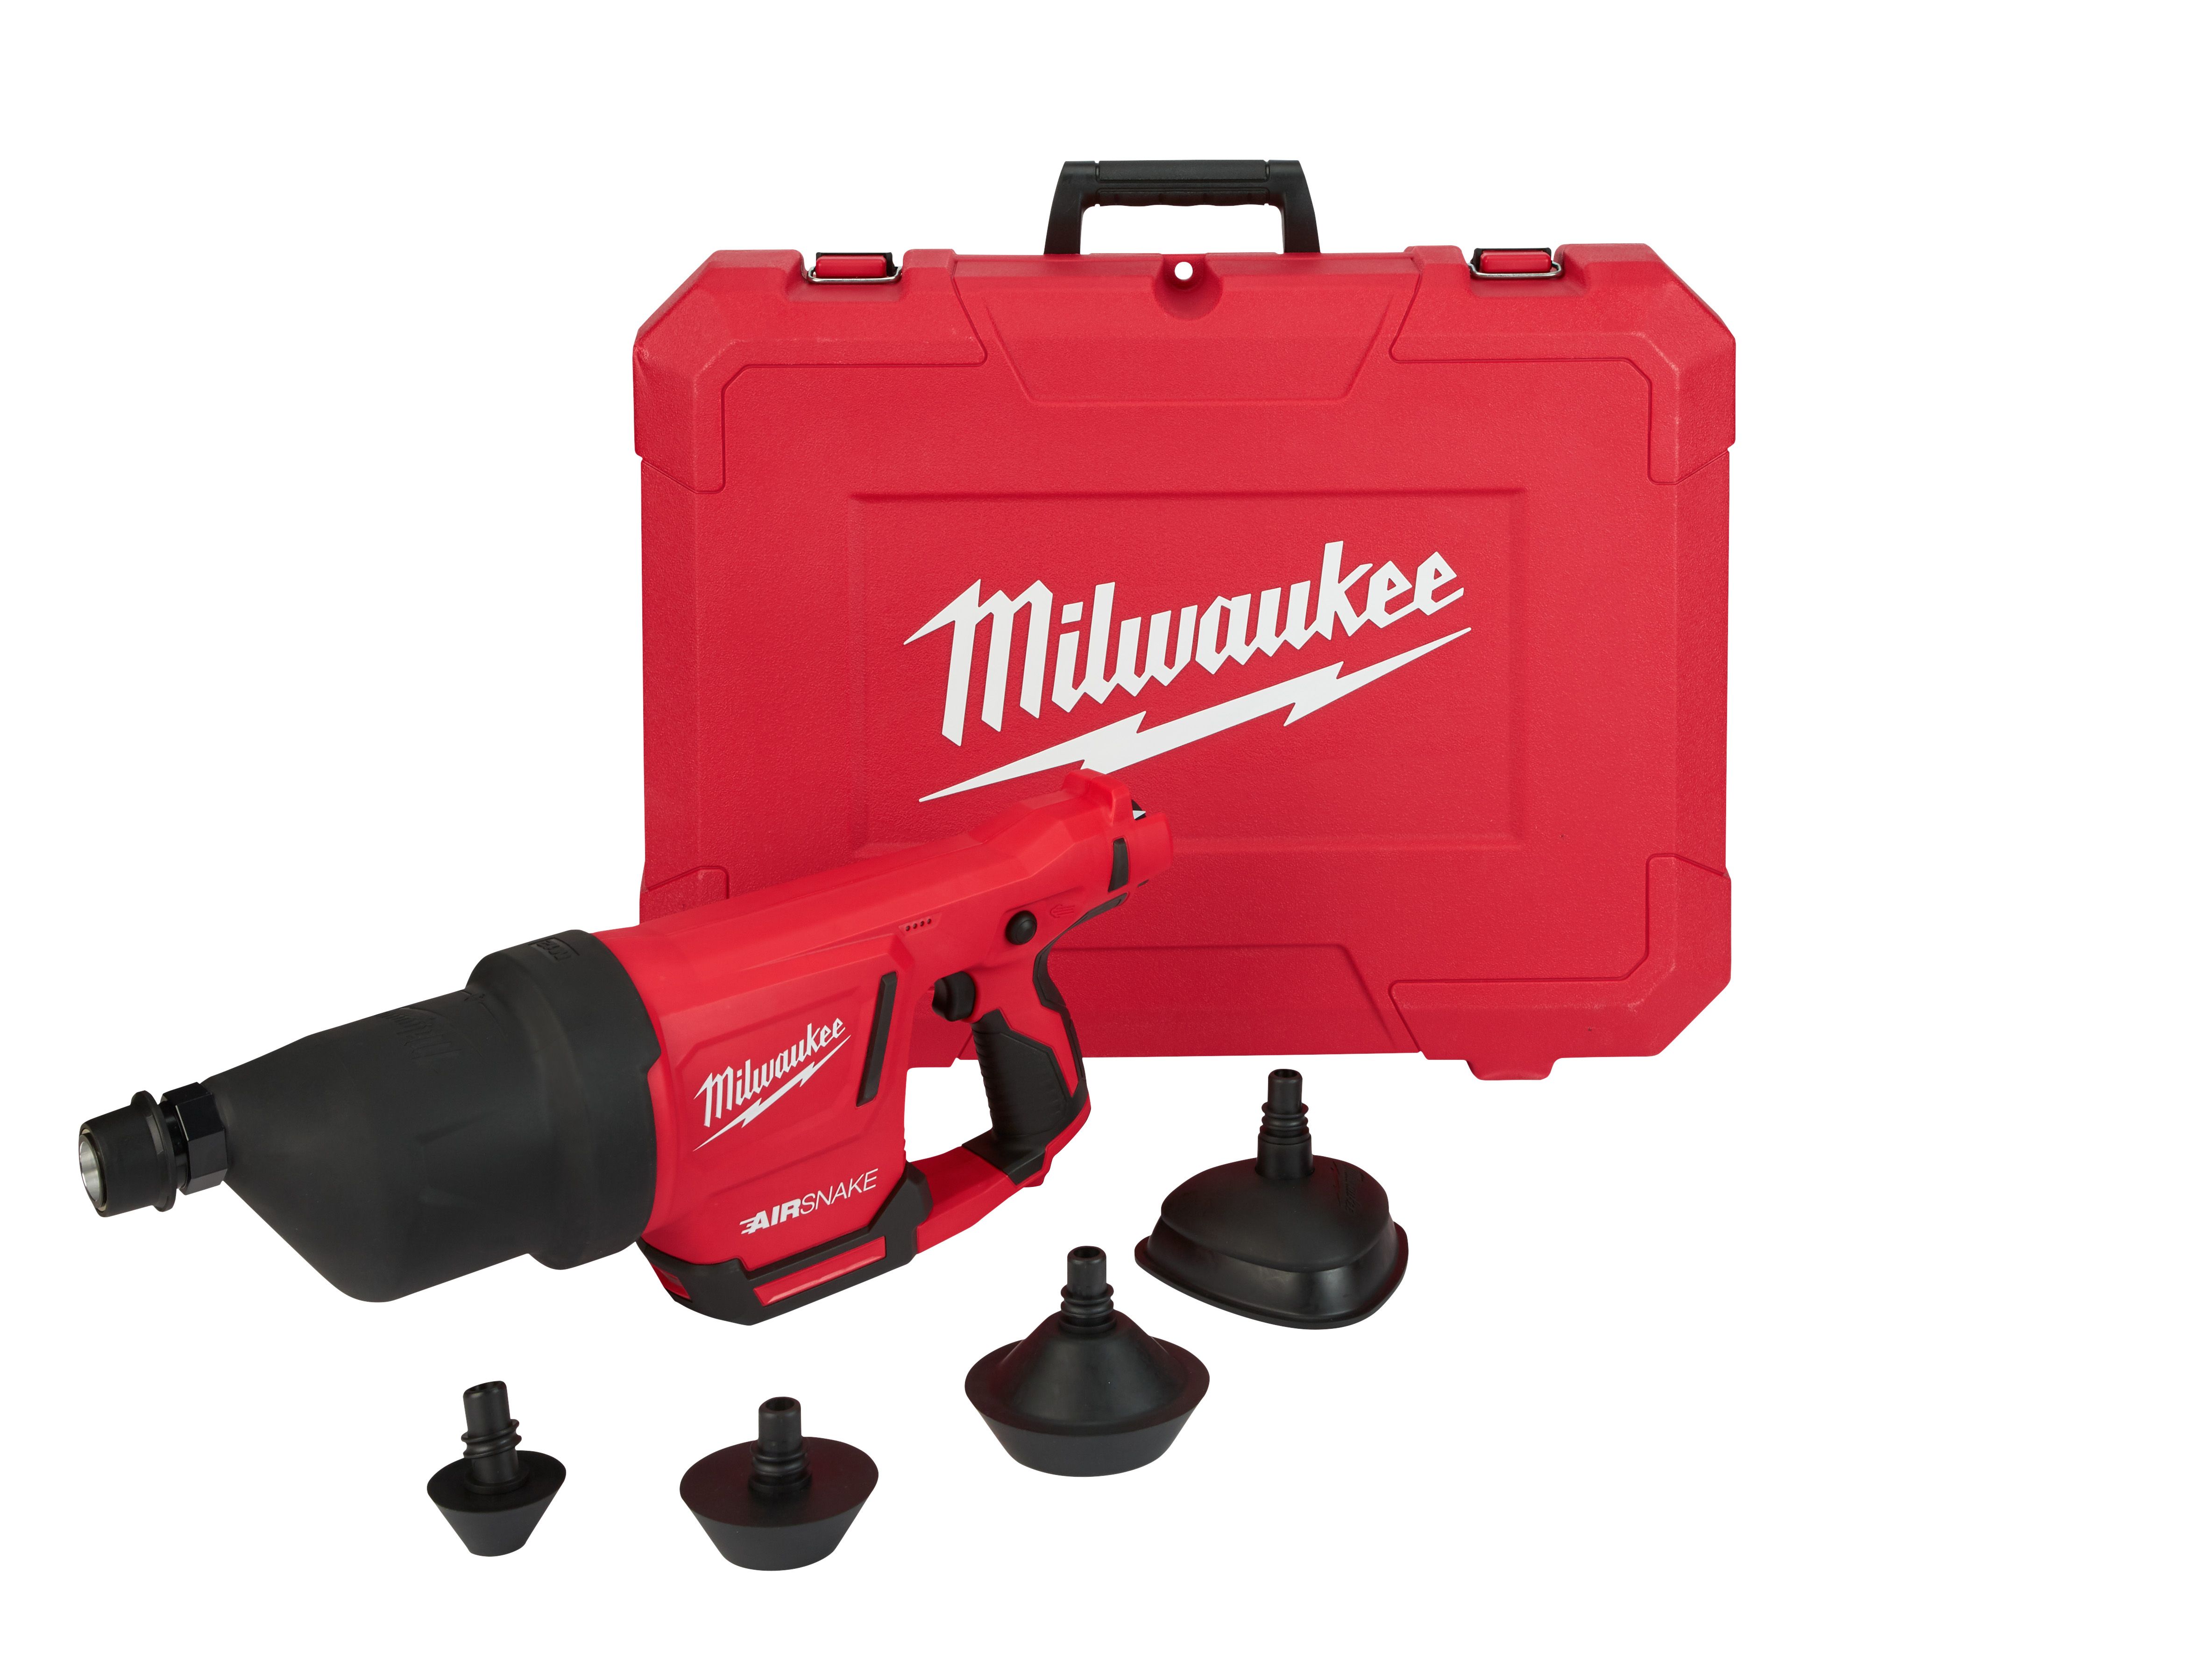 Milwaukee® M12™ AIRSNAKE™ 2572A-20 Cordless Drain Cleaning Air Gun, 1 to 4 in Drain Line, 35 ft Max Run, 12 VDC, Plastic Housing